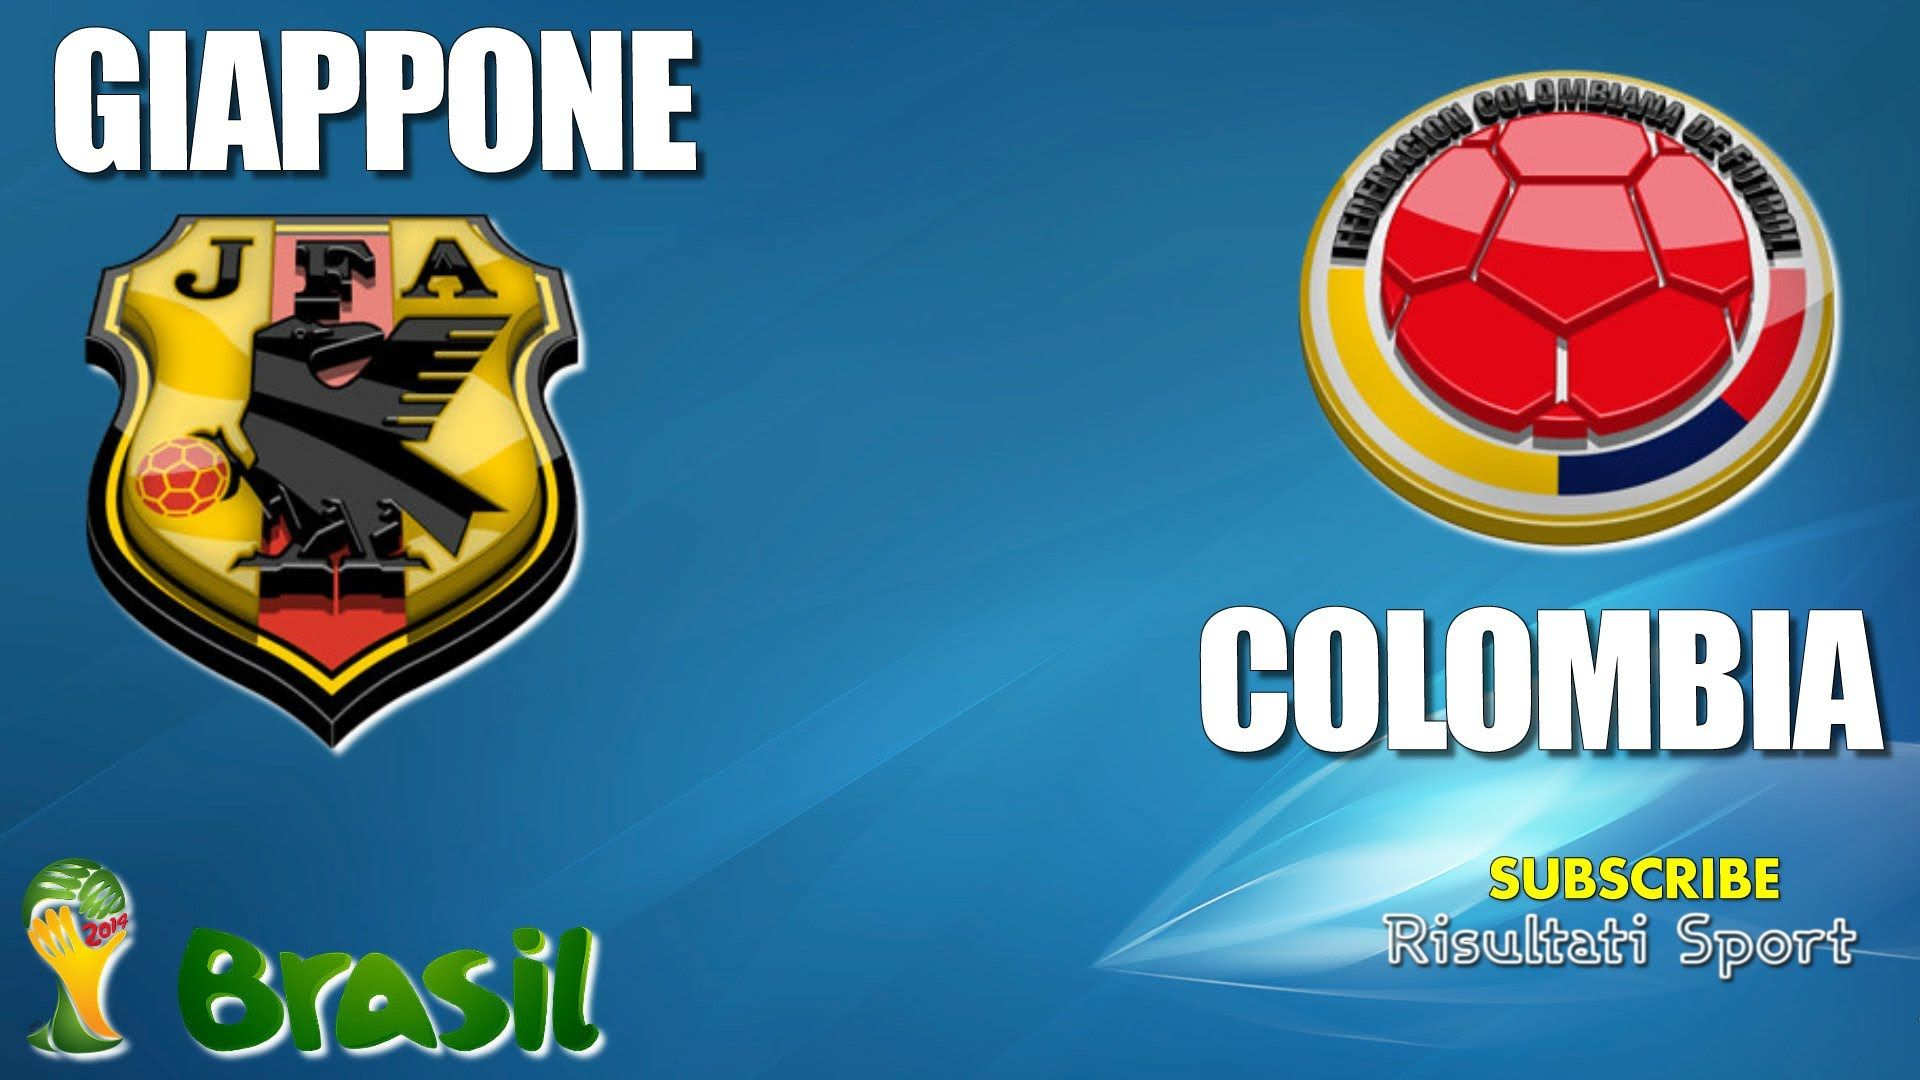 GIAPPONE - COLOMBIA - Mondiali 2014 - 24-6-2014 - Diretta live in streaming